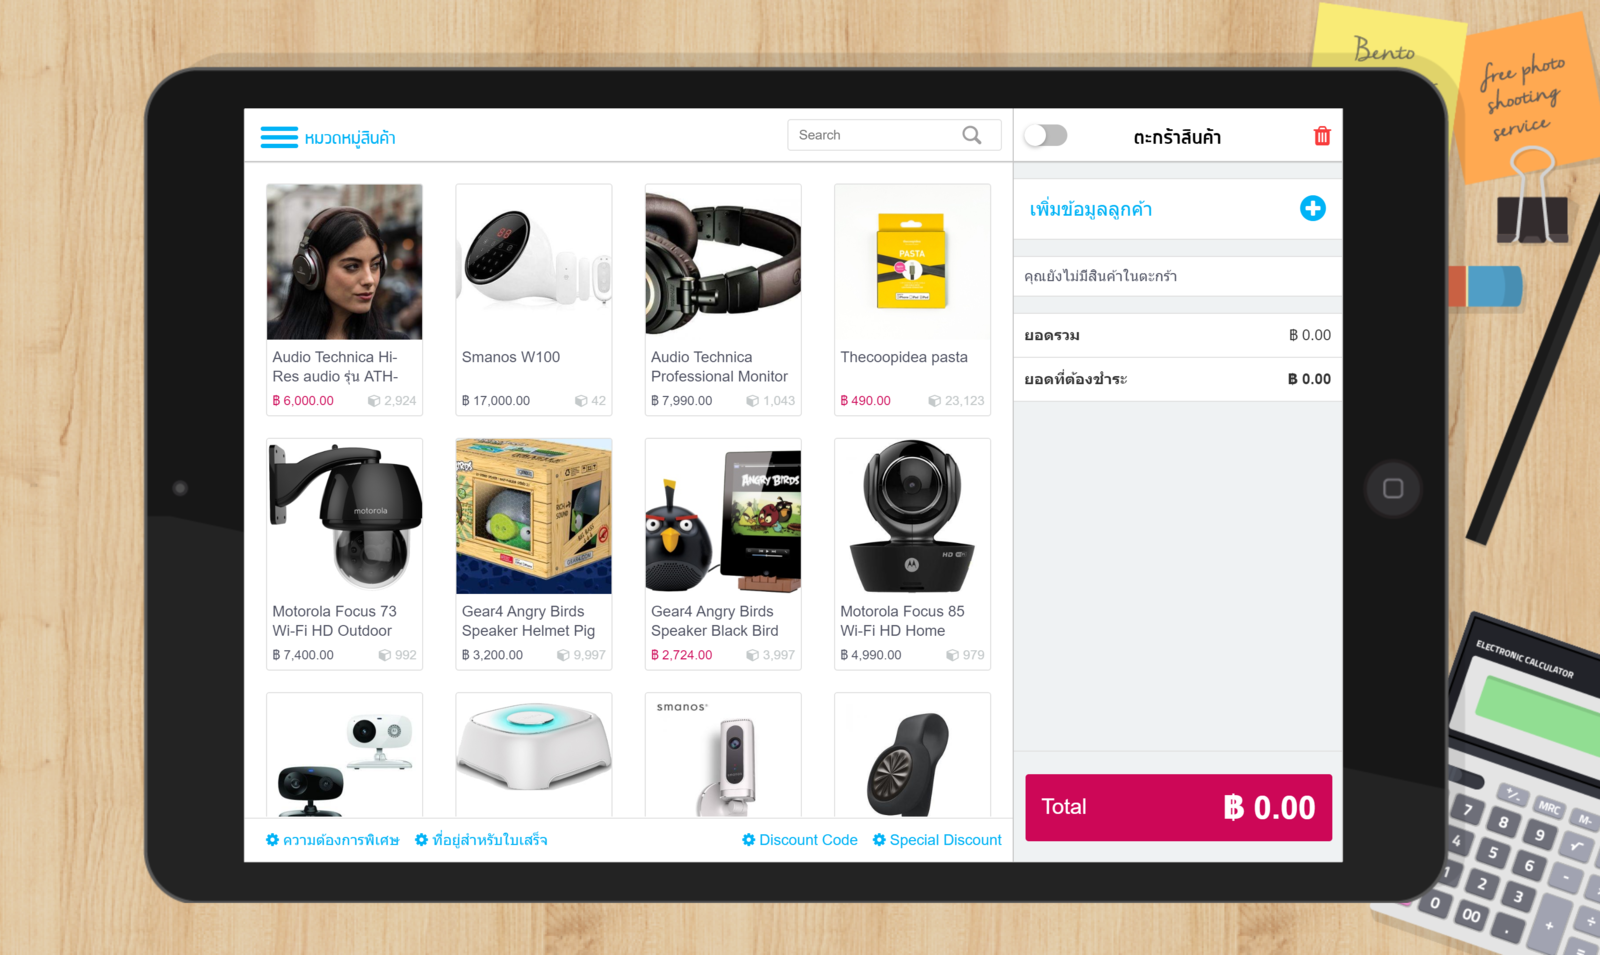 สามารถใช้ BentoPOS ในระบบหลังบ้านและ Mobile App